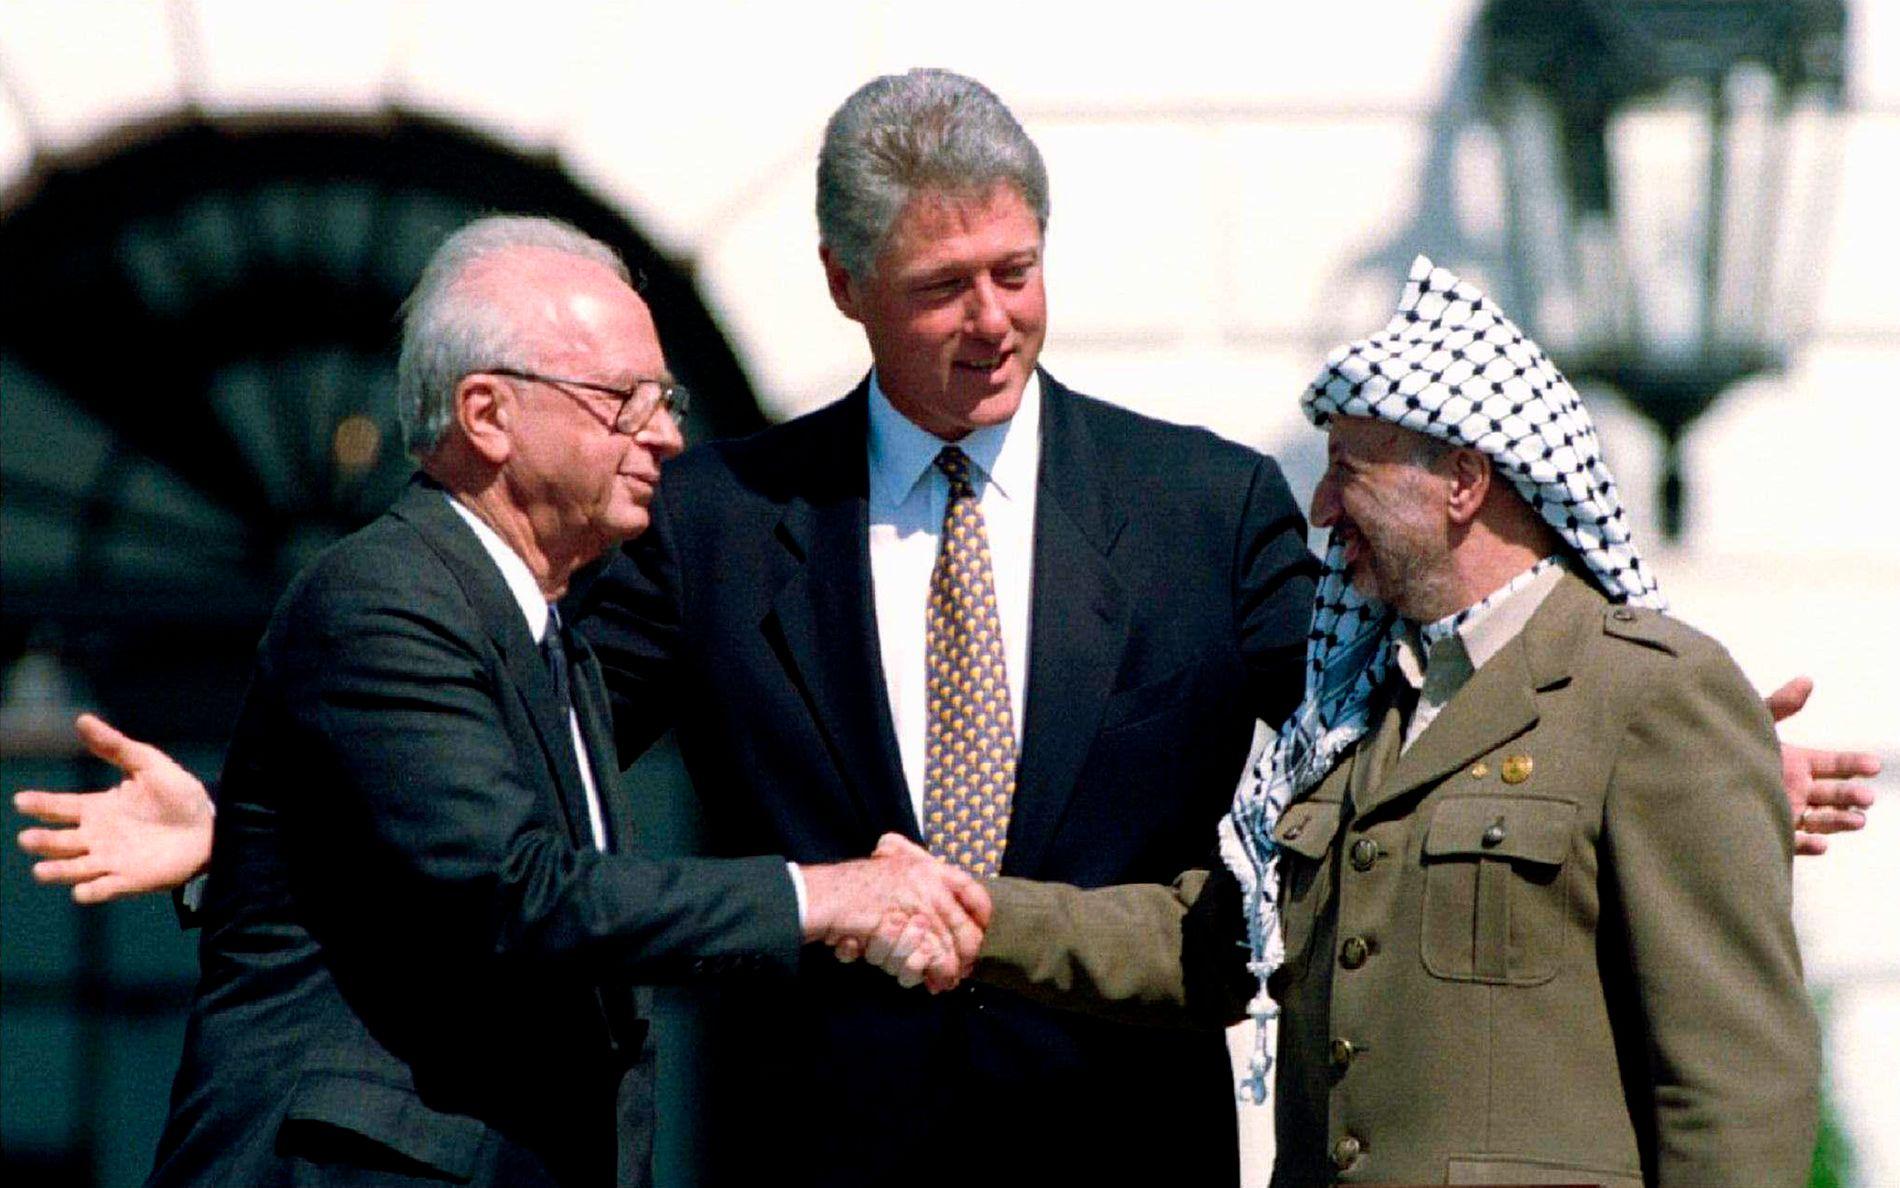 VIRKELIGHETENS TRAGEDIE: – Virkelighetens tragedie utspilles et annet sted. I Midtøsten varer ikke forestillingen i tre timer. Den pågår uavbrutt, skriver Per Olav Ødegård.  Bildet: Daværende amerikansk president Bill Clinton sammen med den israelske statsministeren Yitzhak Rabin (t. v) og daværende formann i PLO, Yasser Arafat foran Det hvite hus i september 1993.